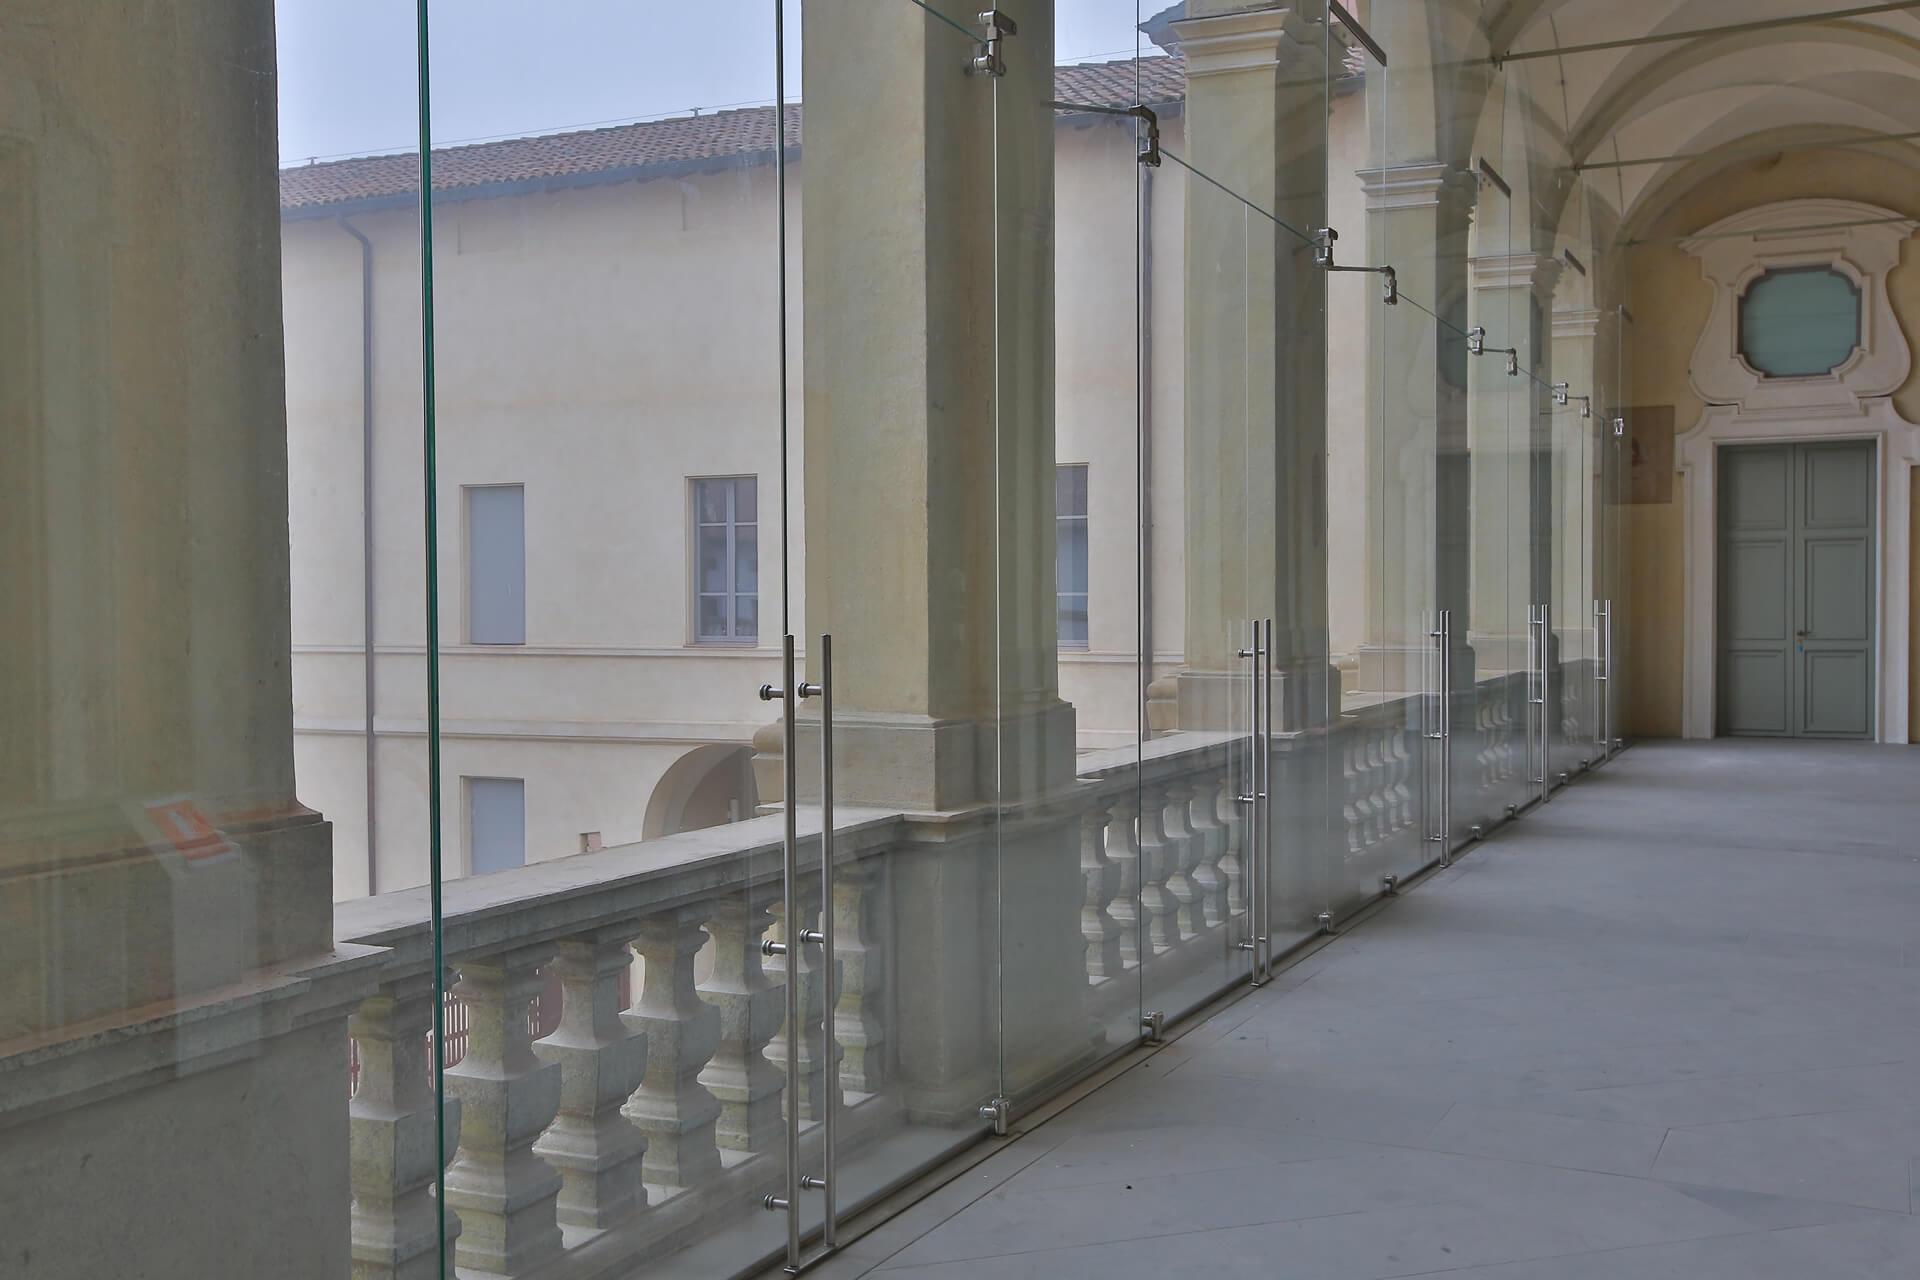 vetrate apribili per esterno, vetrate apribili in cristallo per esterno